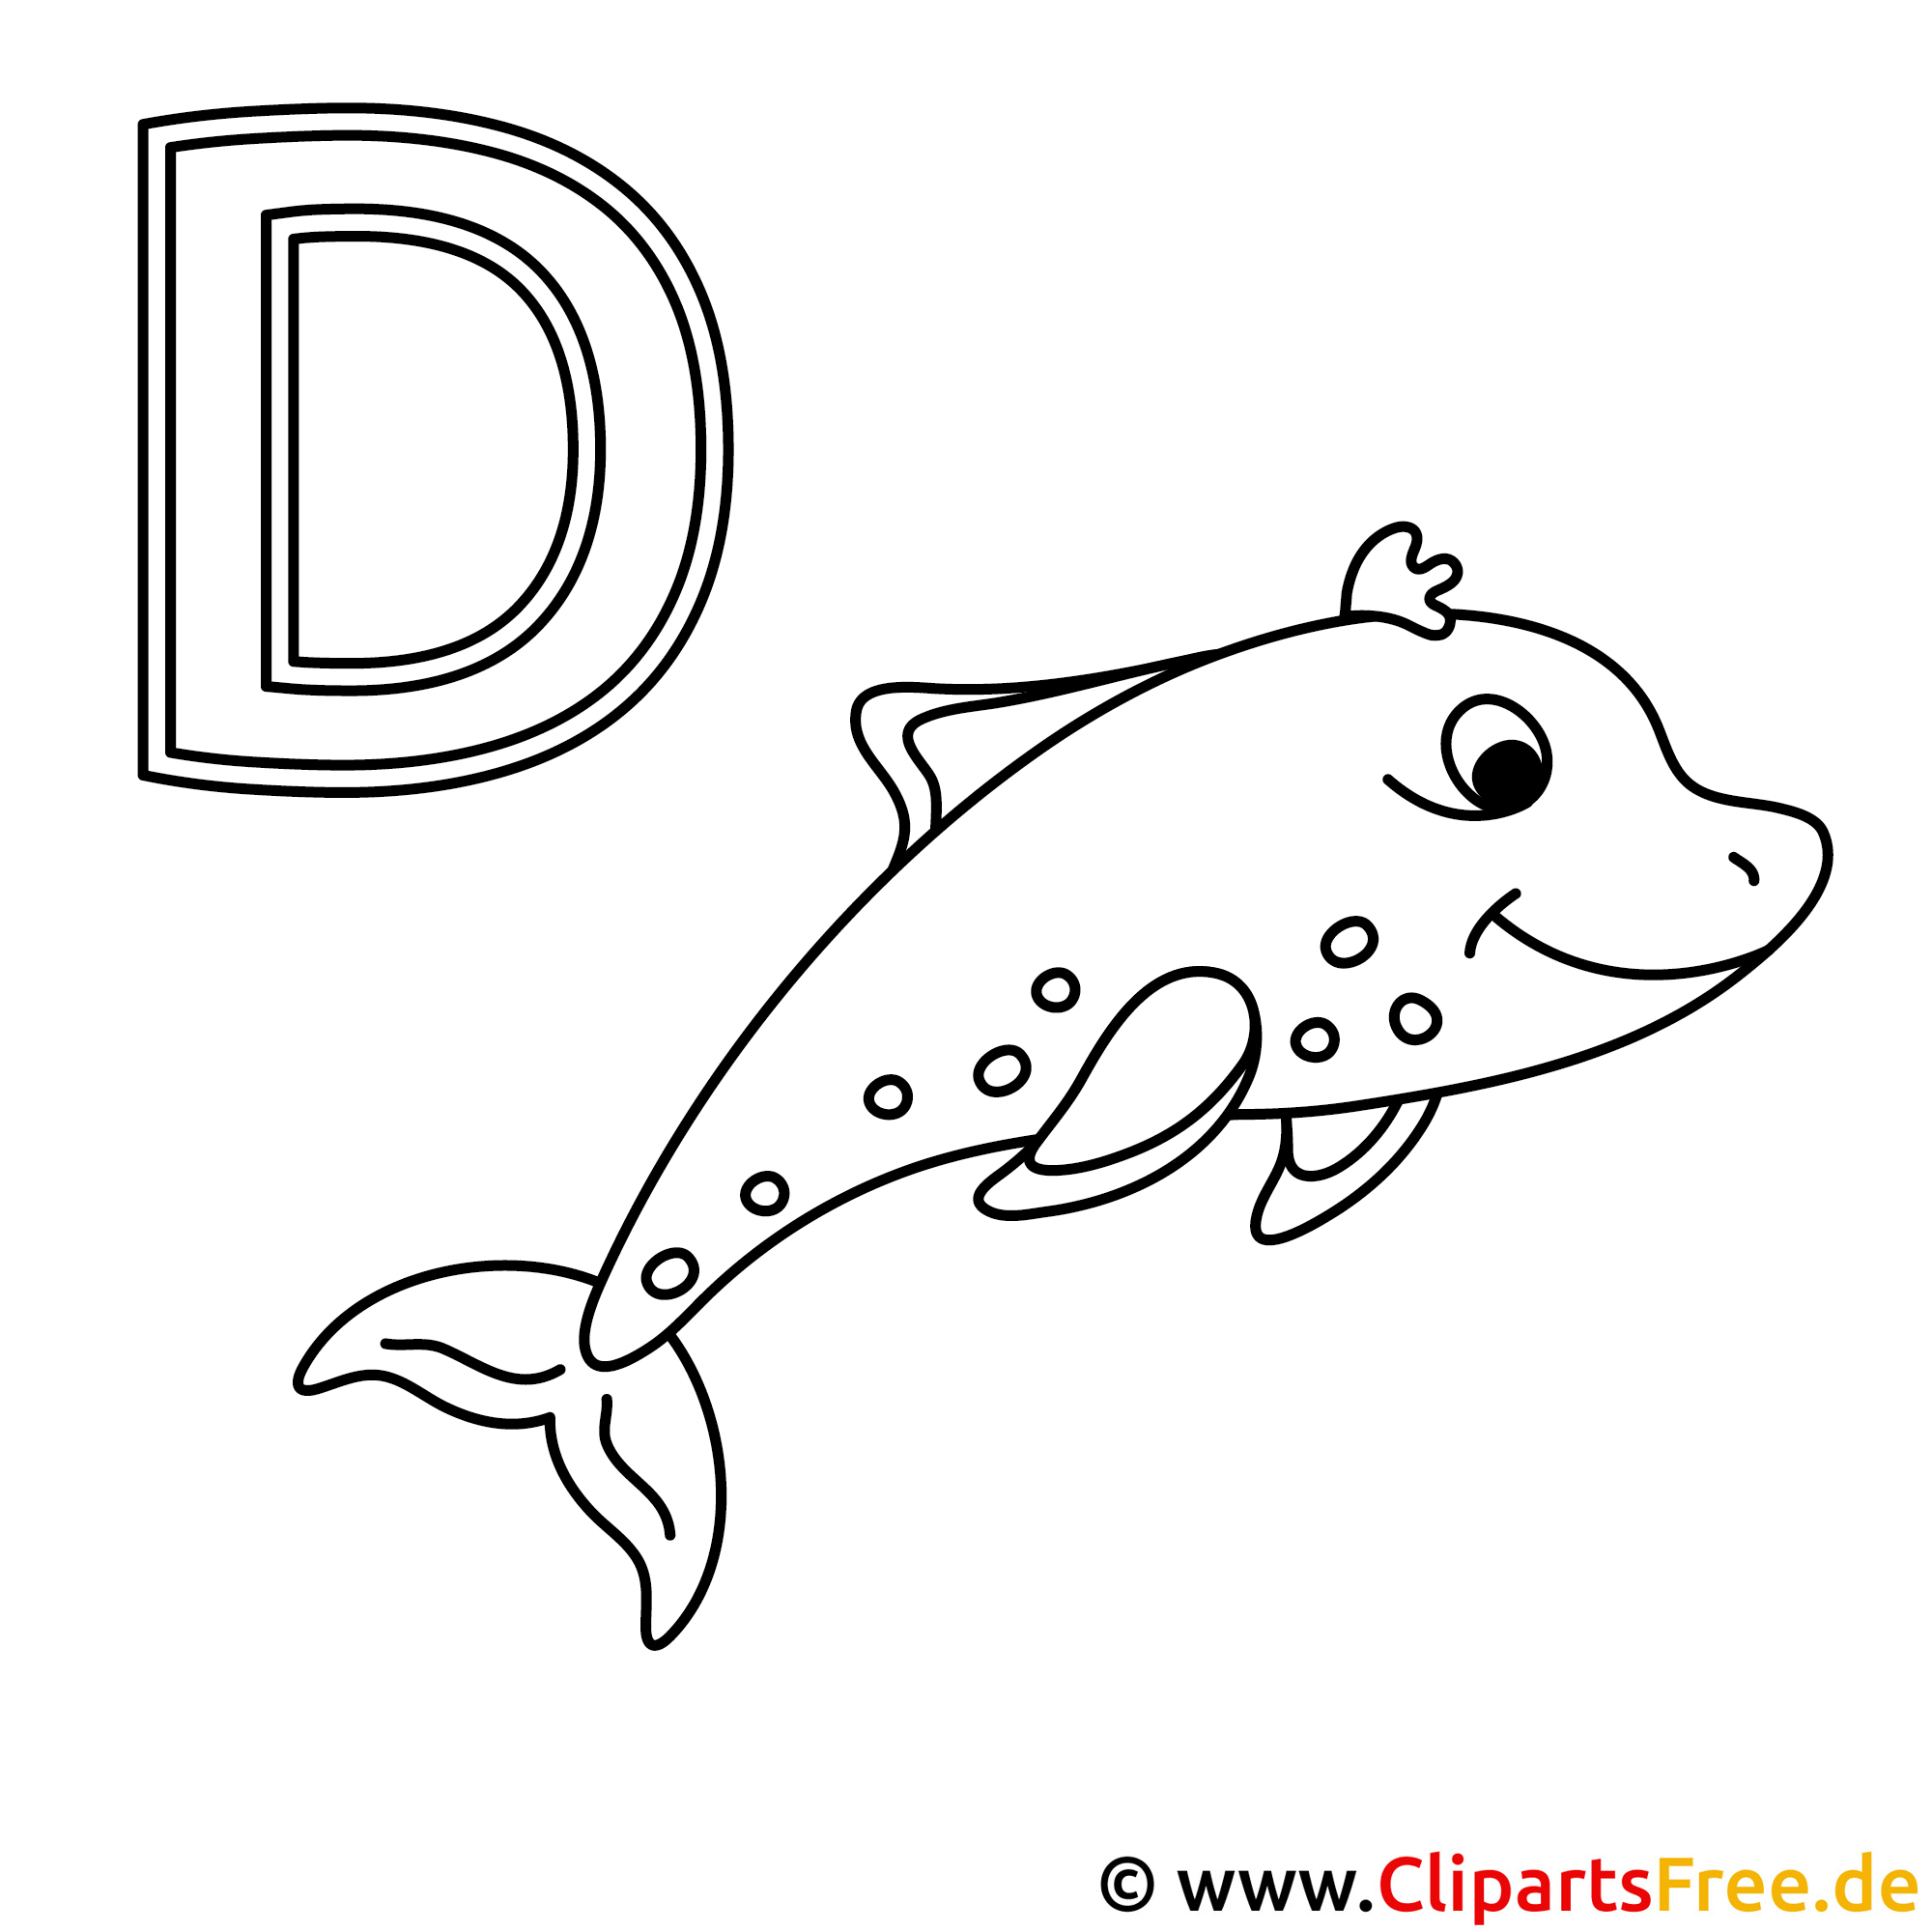 Delfin Ausmalbild - Buchstaben zum Ausdrucken